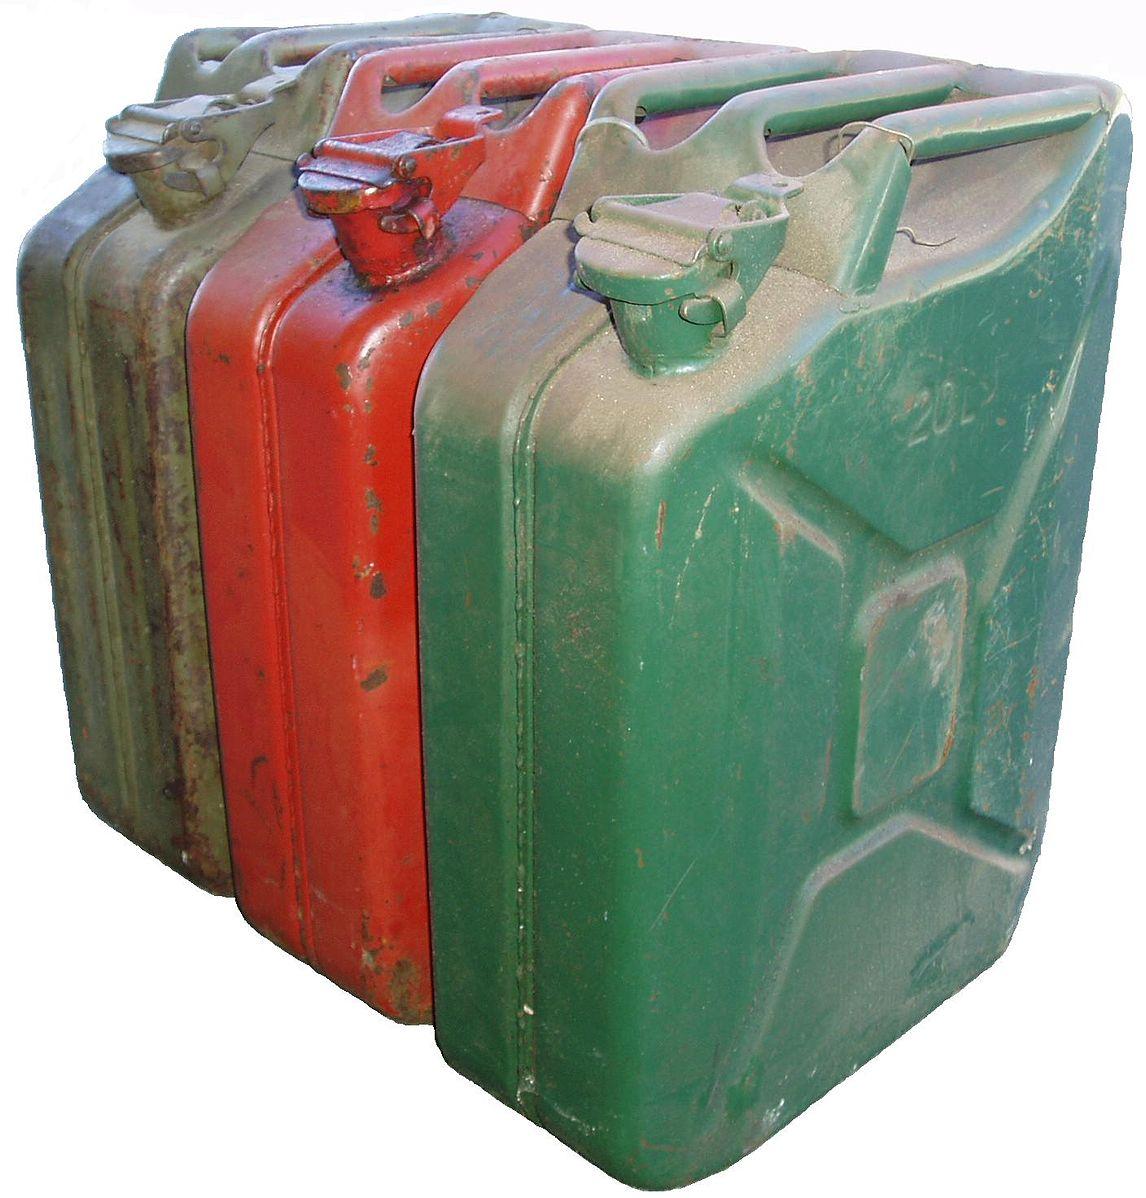 为什么80年前的油桶值得现在的设计师学习?